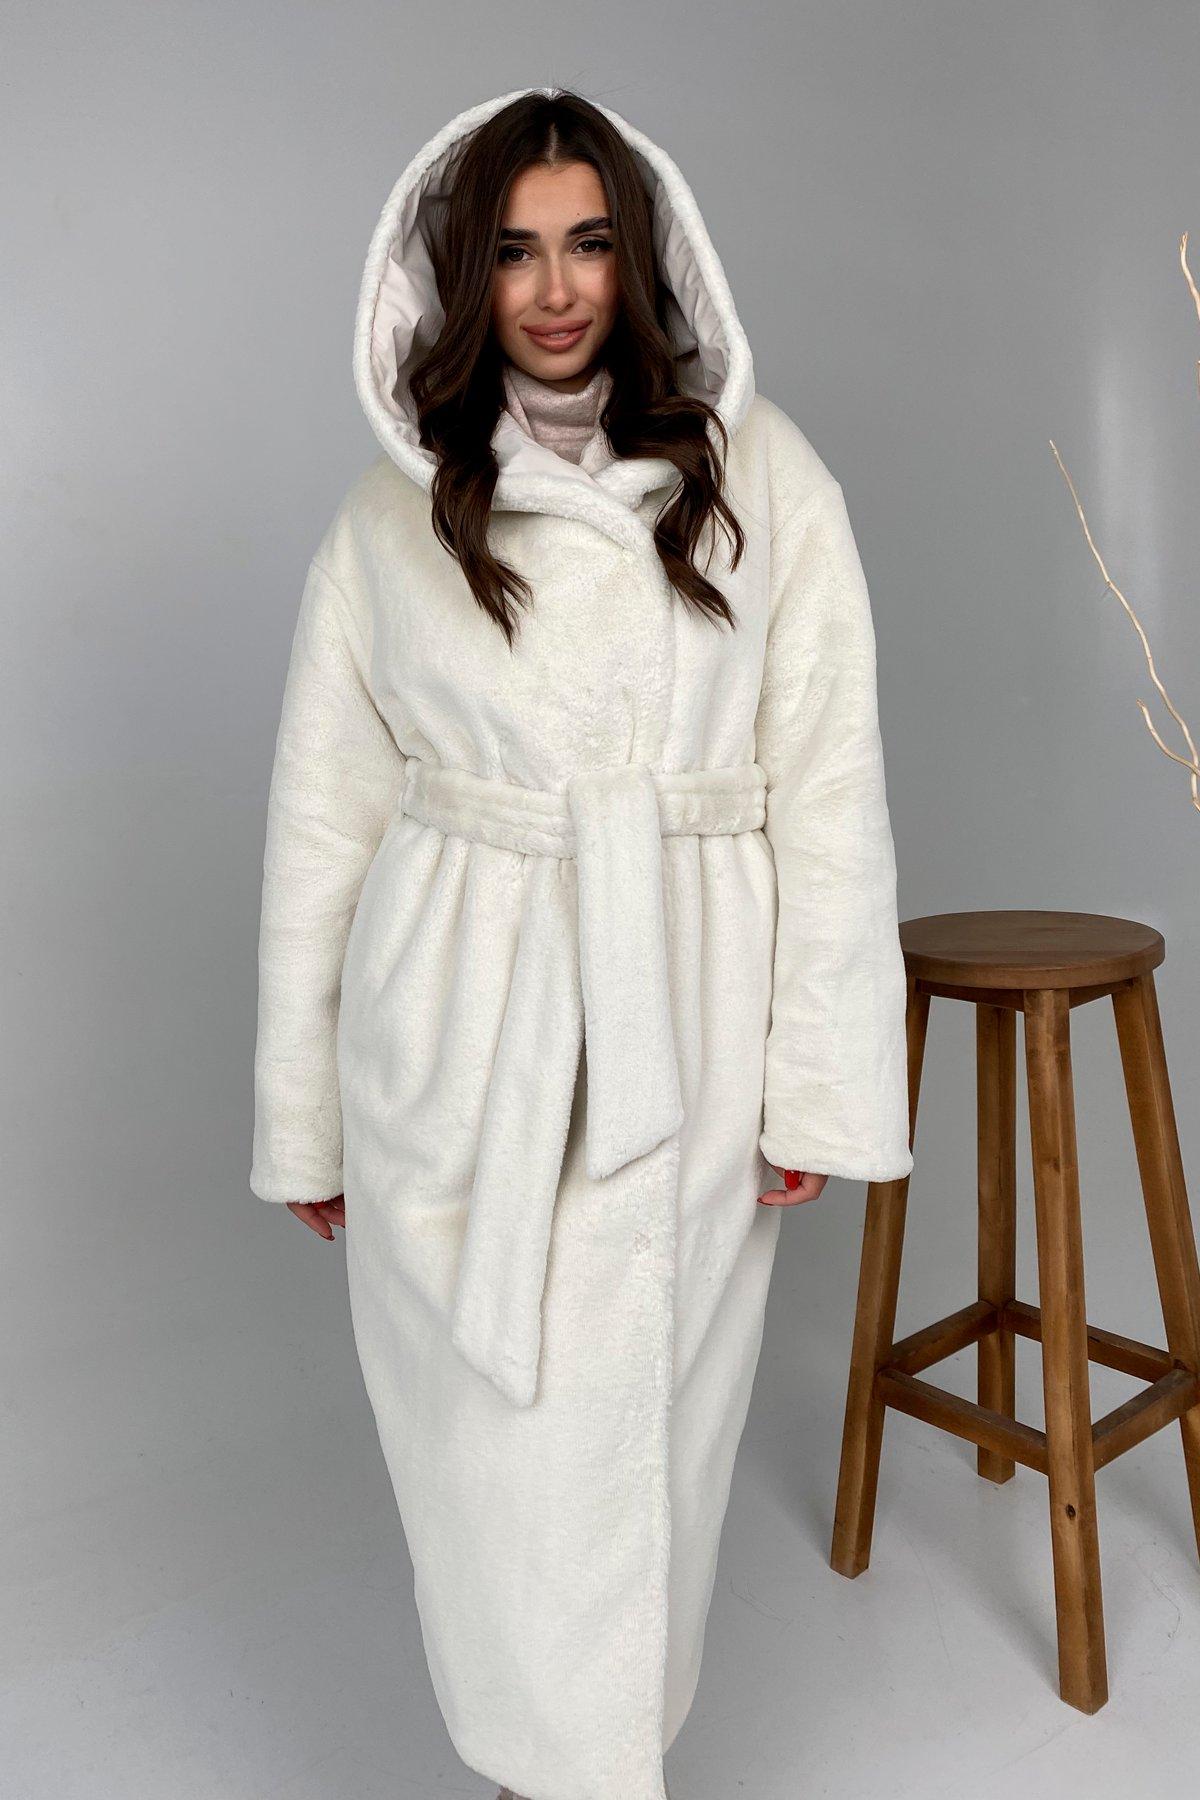 Сноу  теплое двухстороннее пальто из  еко меха и плотной  плащевки 9956 АРТ. 46243 Цвет: Молоко - фото 7, интернет магазин tm-modus.ru